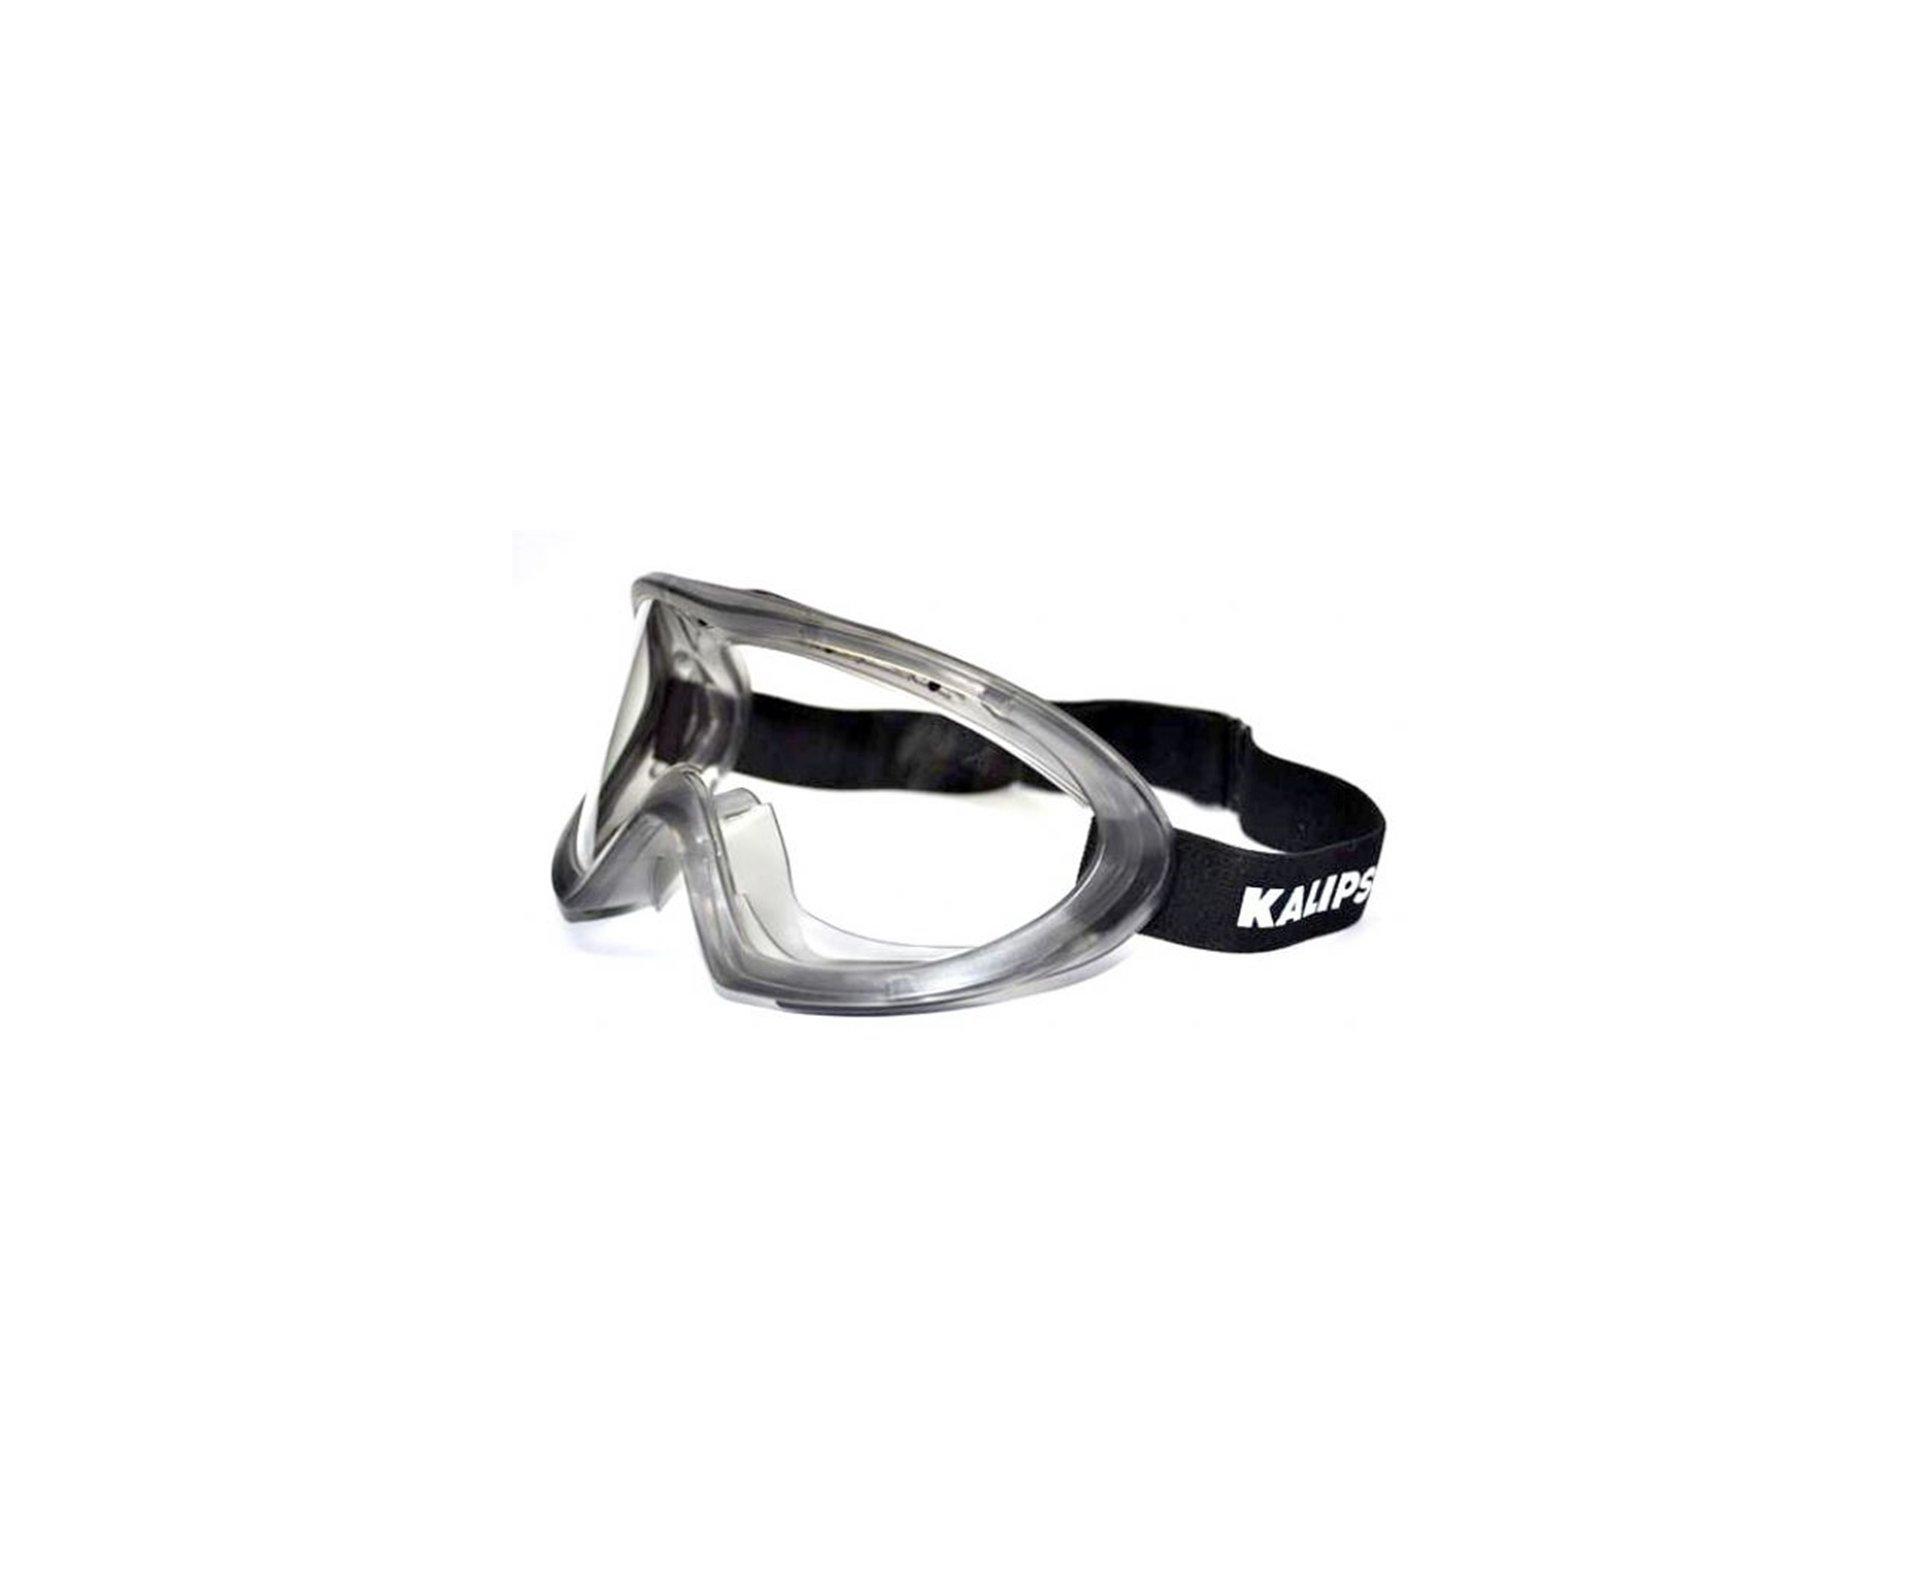 óculos De Proteção Para Airsoft Angra Incolor Af - Kalipso